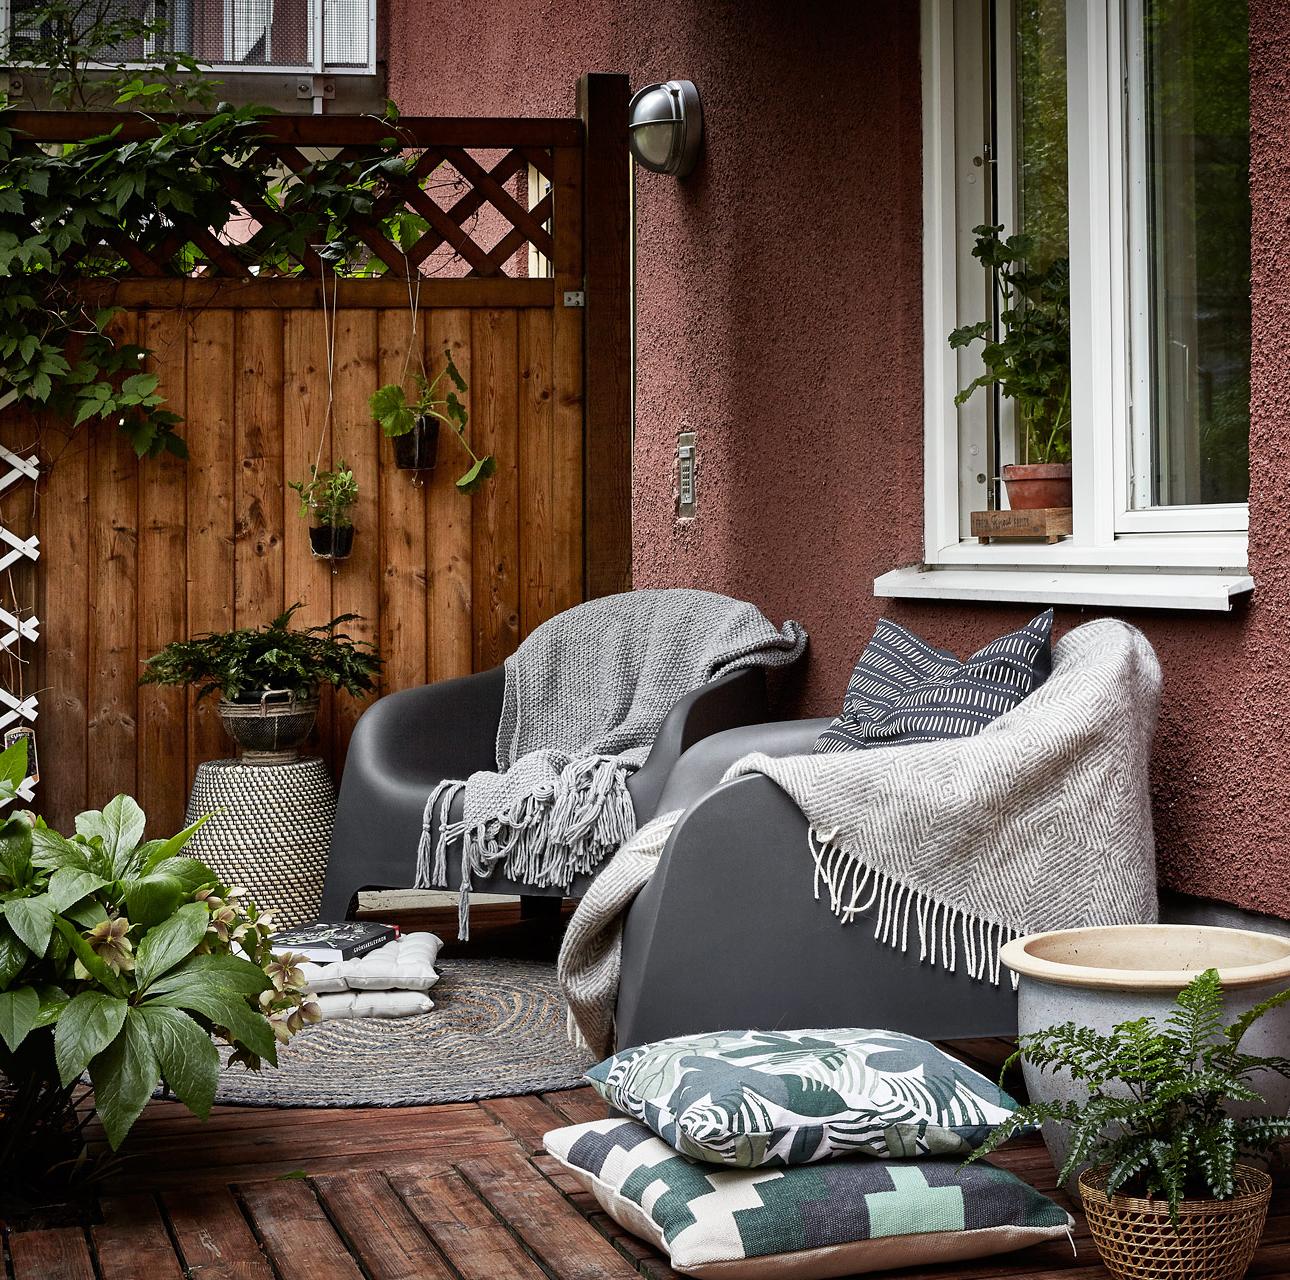 si vous ne pouvez pas entreposer votre mobilier d exterieur l hiver privilegiez des materiaux resistants a